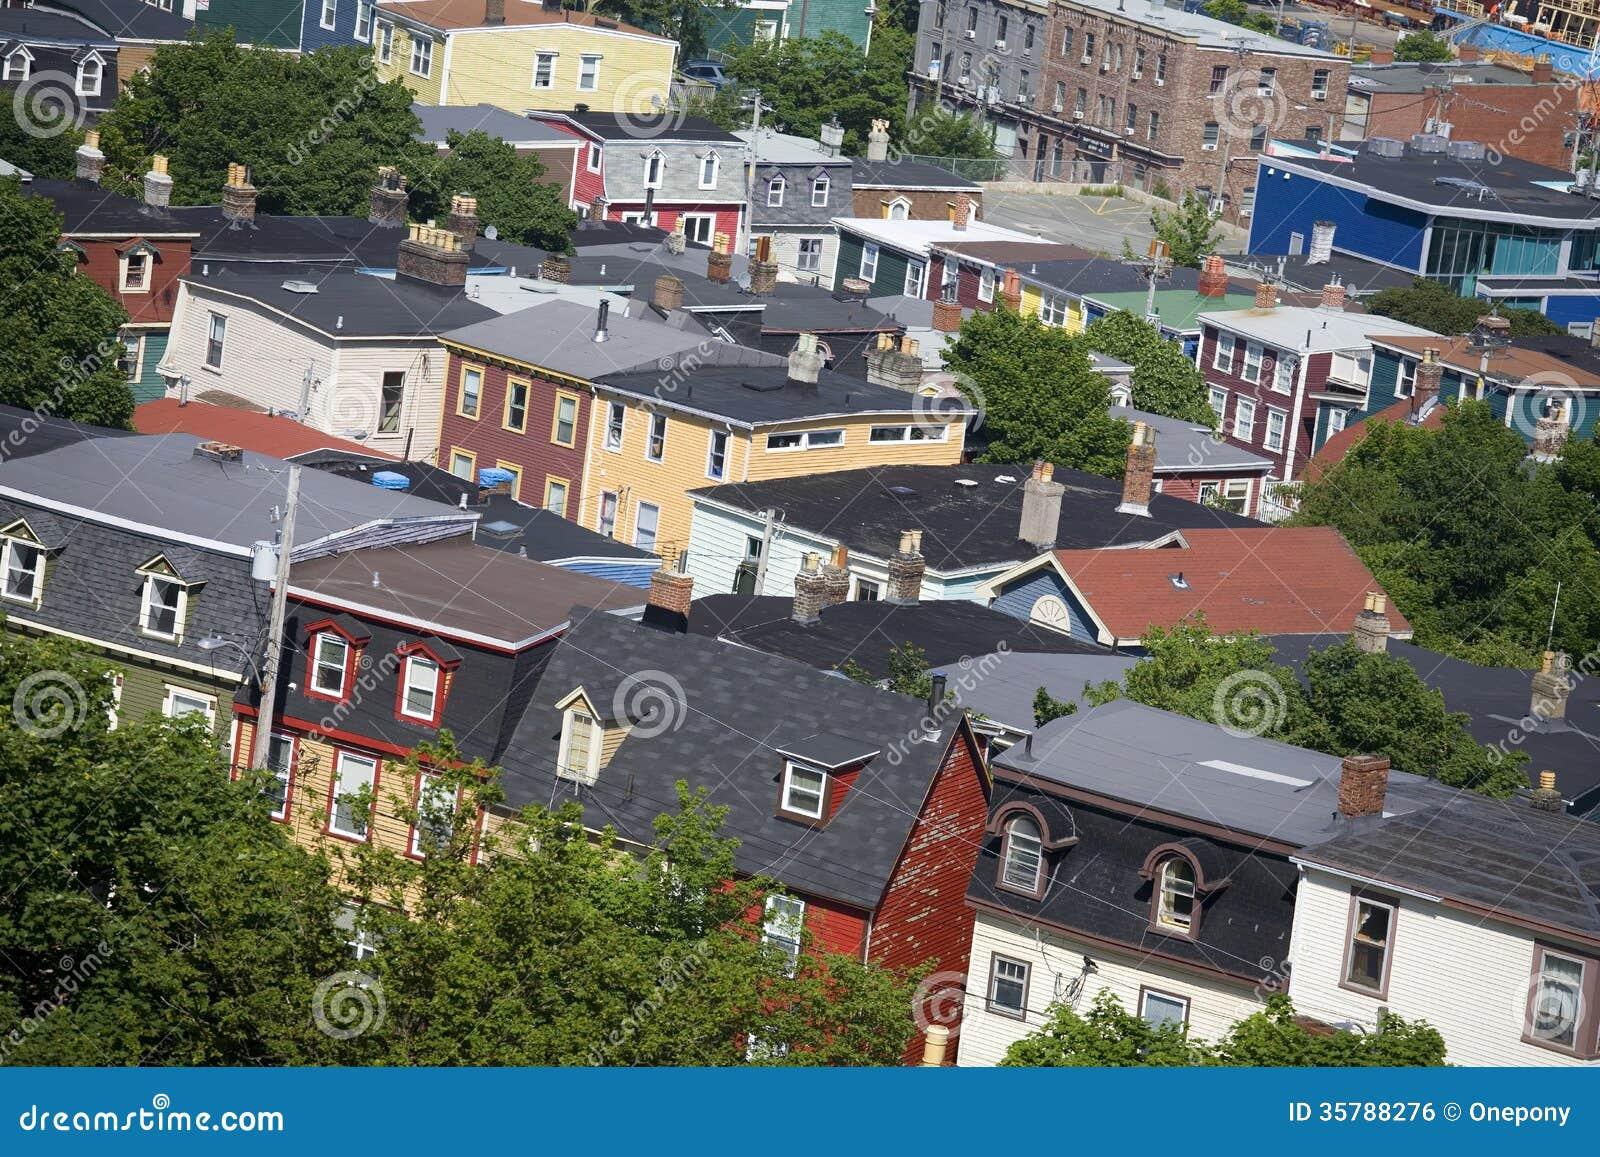 Newfoundland houses royalty free stock image image 35788276 for Newfoundland houses